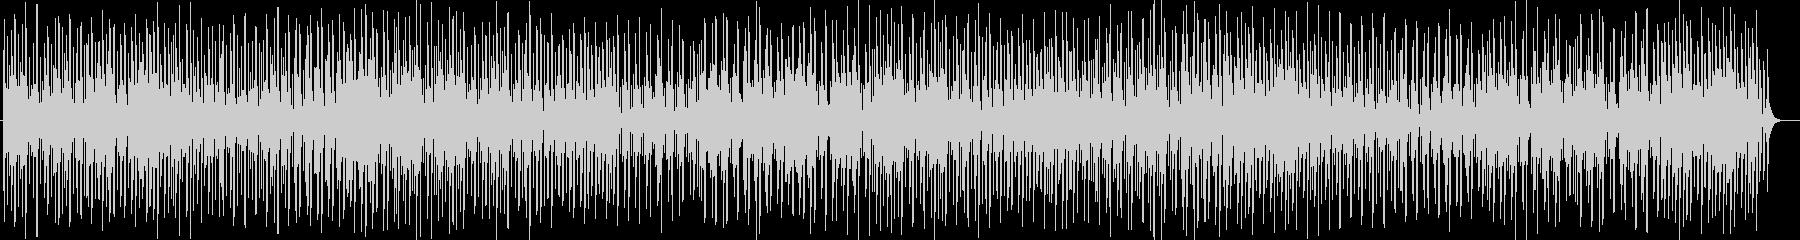 癒し系シンセサイザーなどのサウンドの未再生の波形